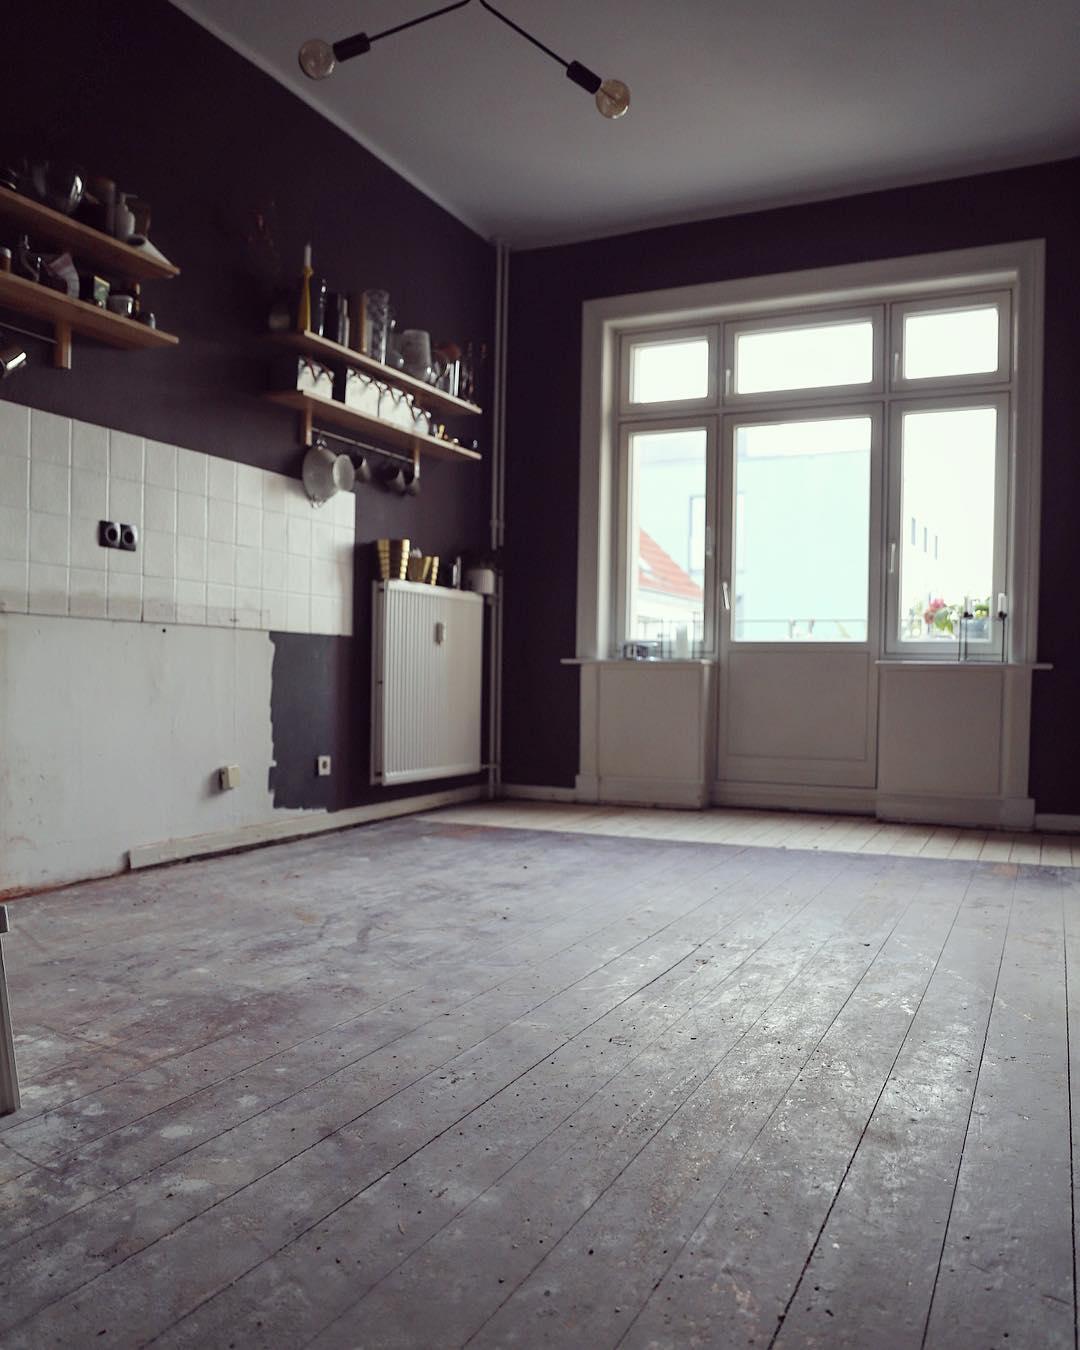 Anfang 2017 Fasste Ich Zwar Den Plan Das Thema Küche Verstärkt In Meinen  Renovierungswahnsinn Einzubinden, Dennoch Hatte Ich Nicht Damit Gerechnet,  ...